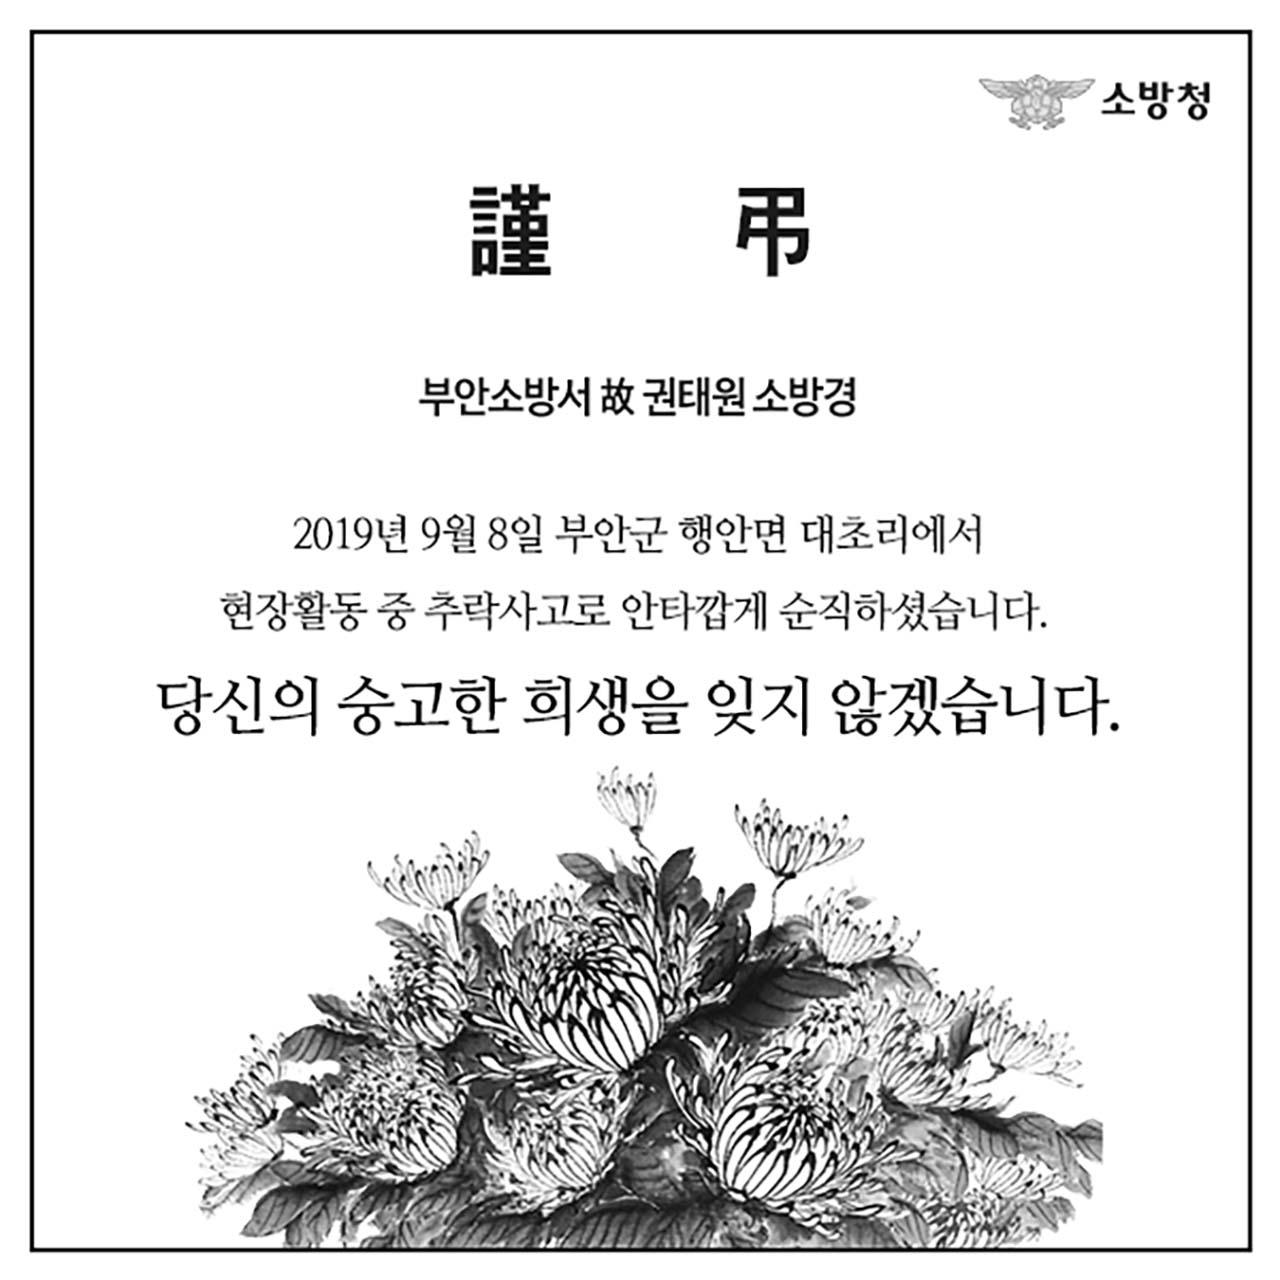 태풍 링링 피해 복구 중 소방관 순직...국가유공자 지정 추진